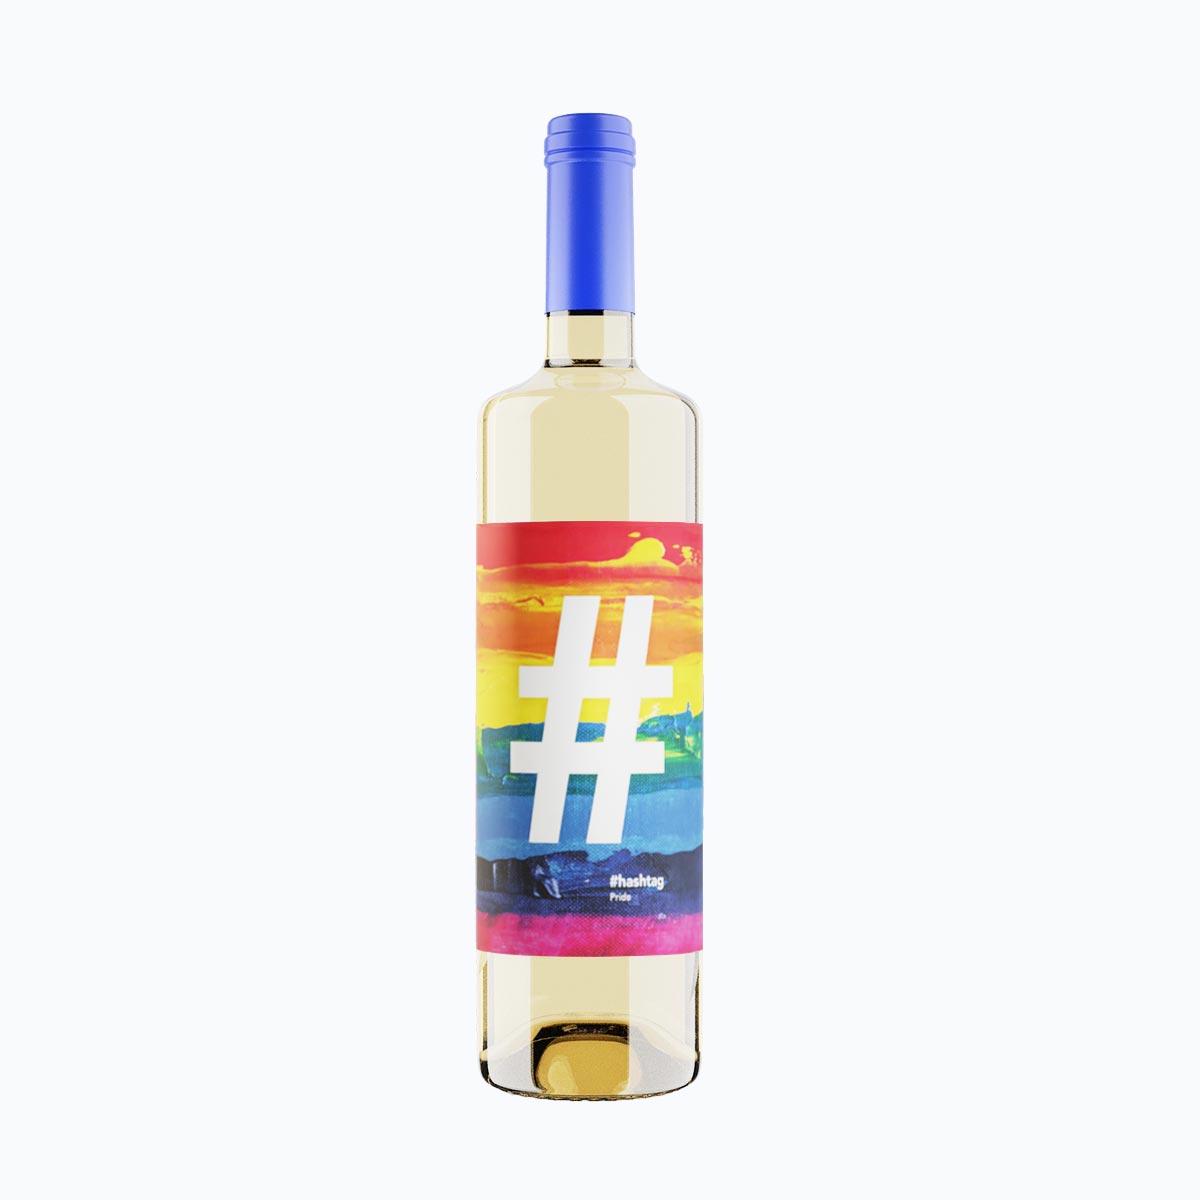 hashtag wine edicion pride 2021